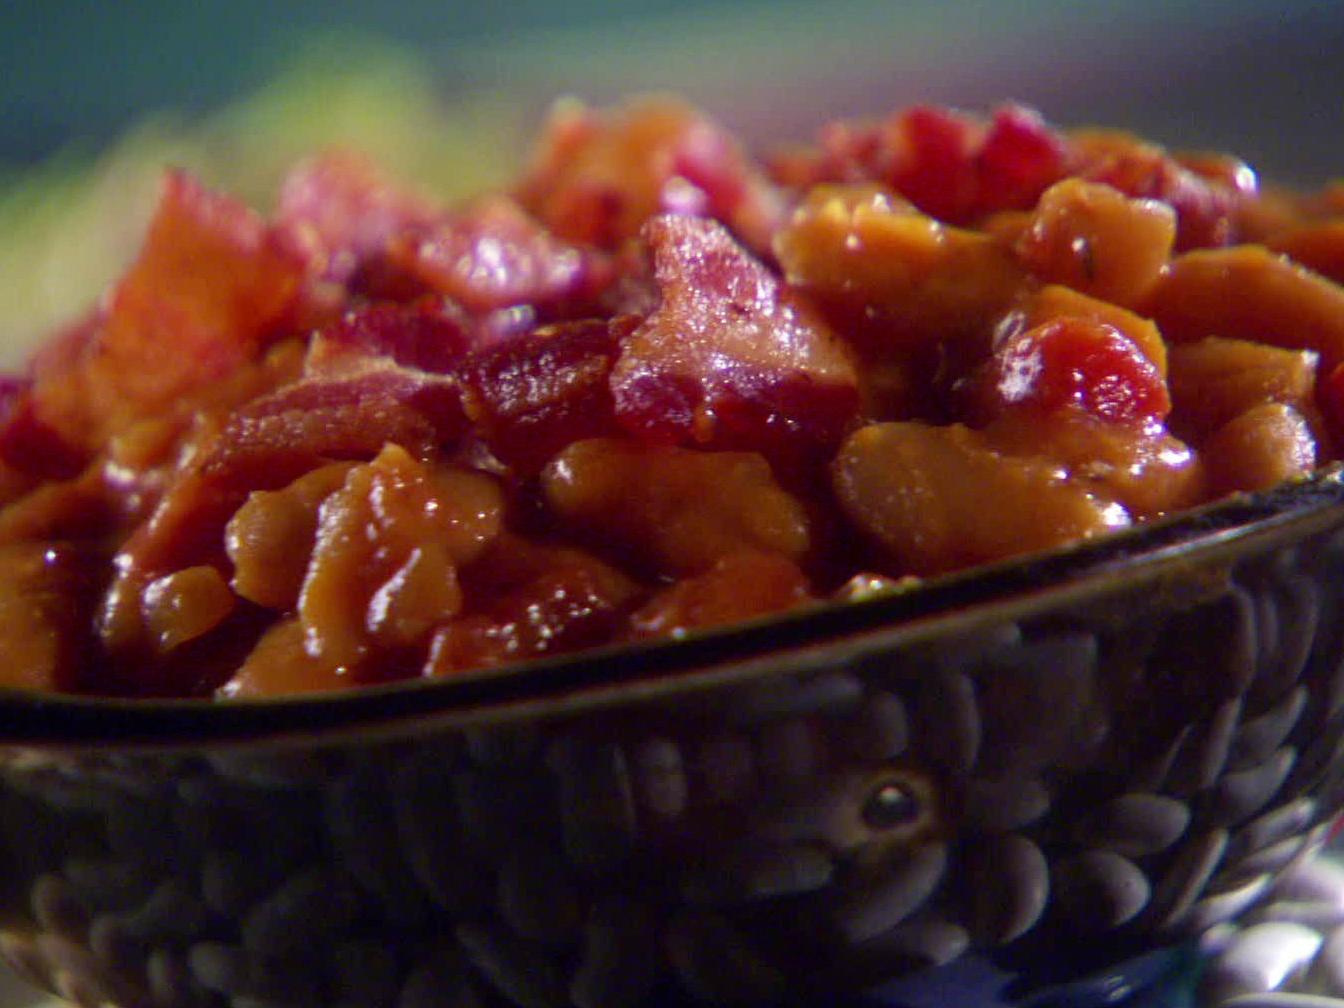 Sunny's Easy Baked Beans